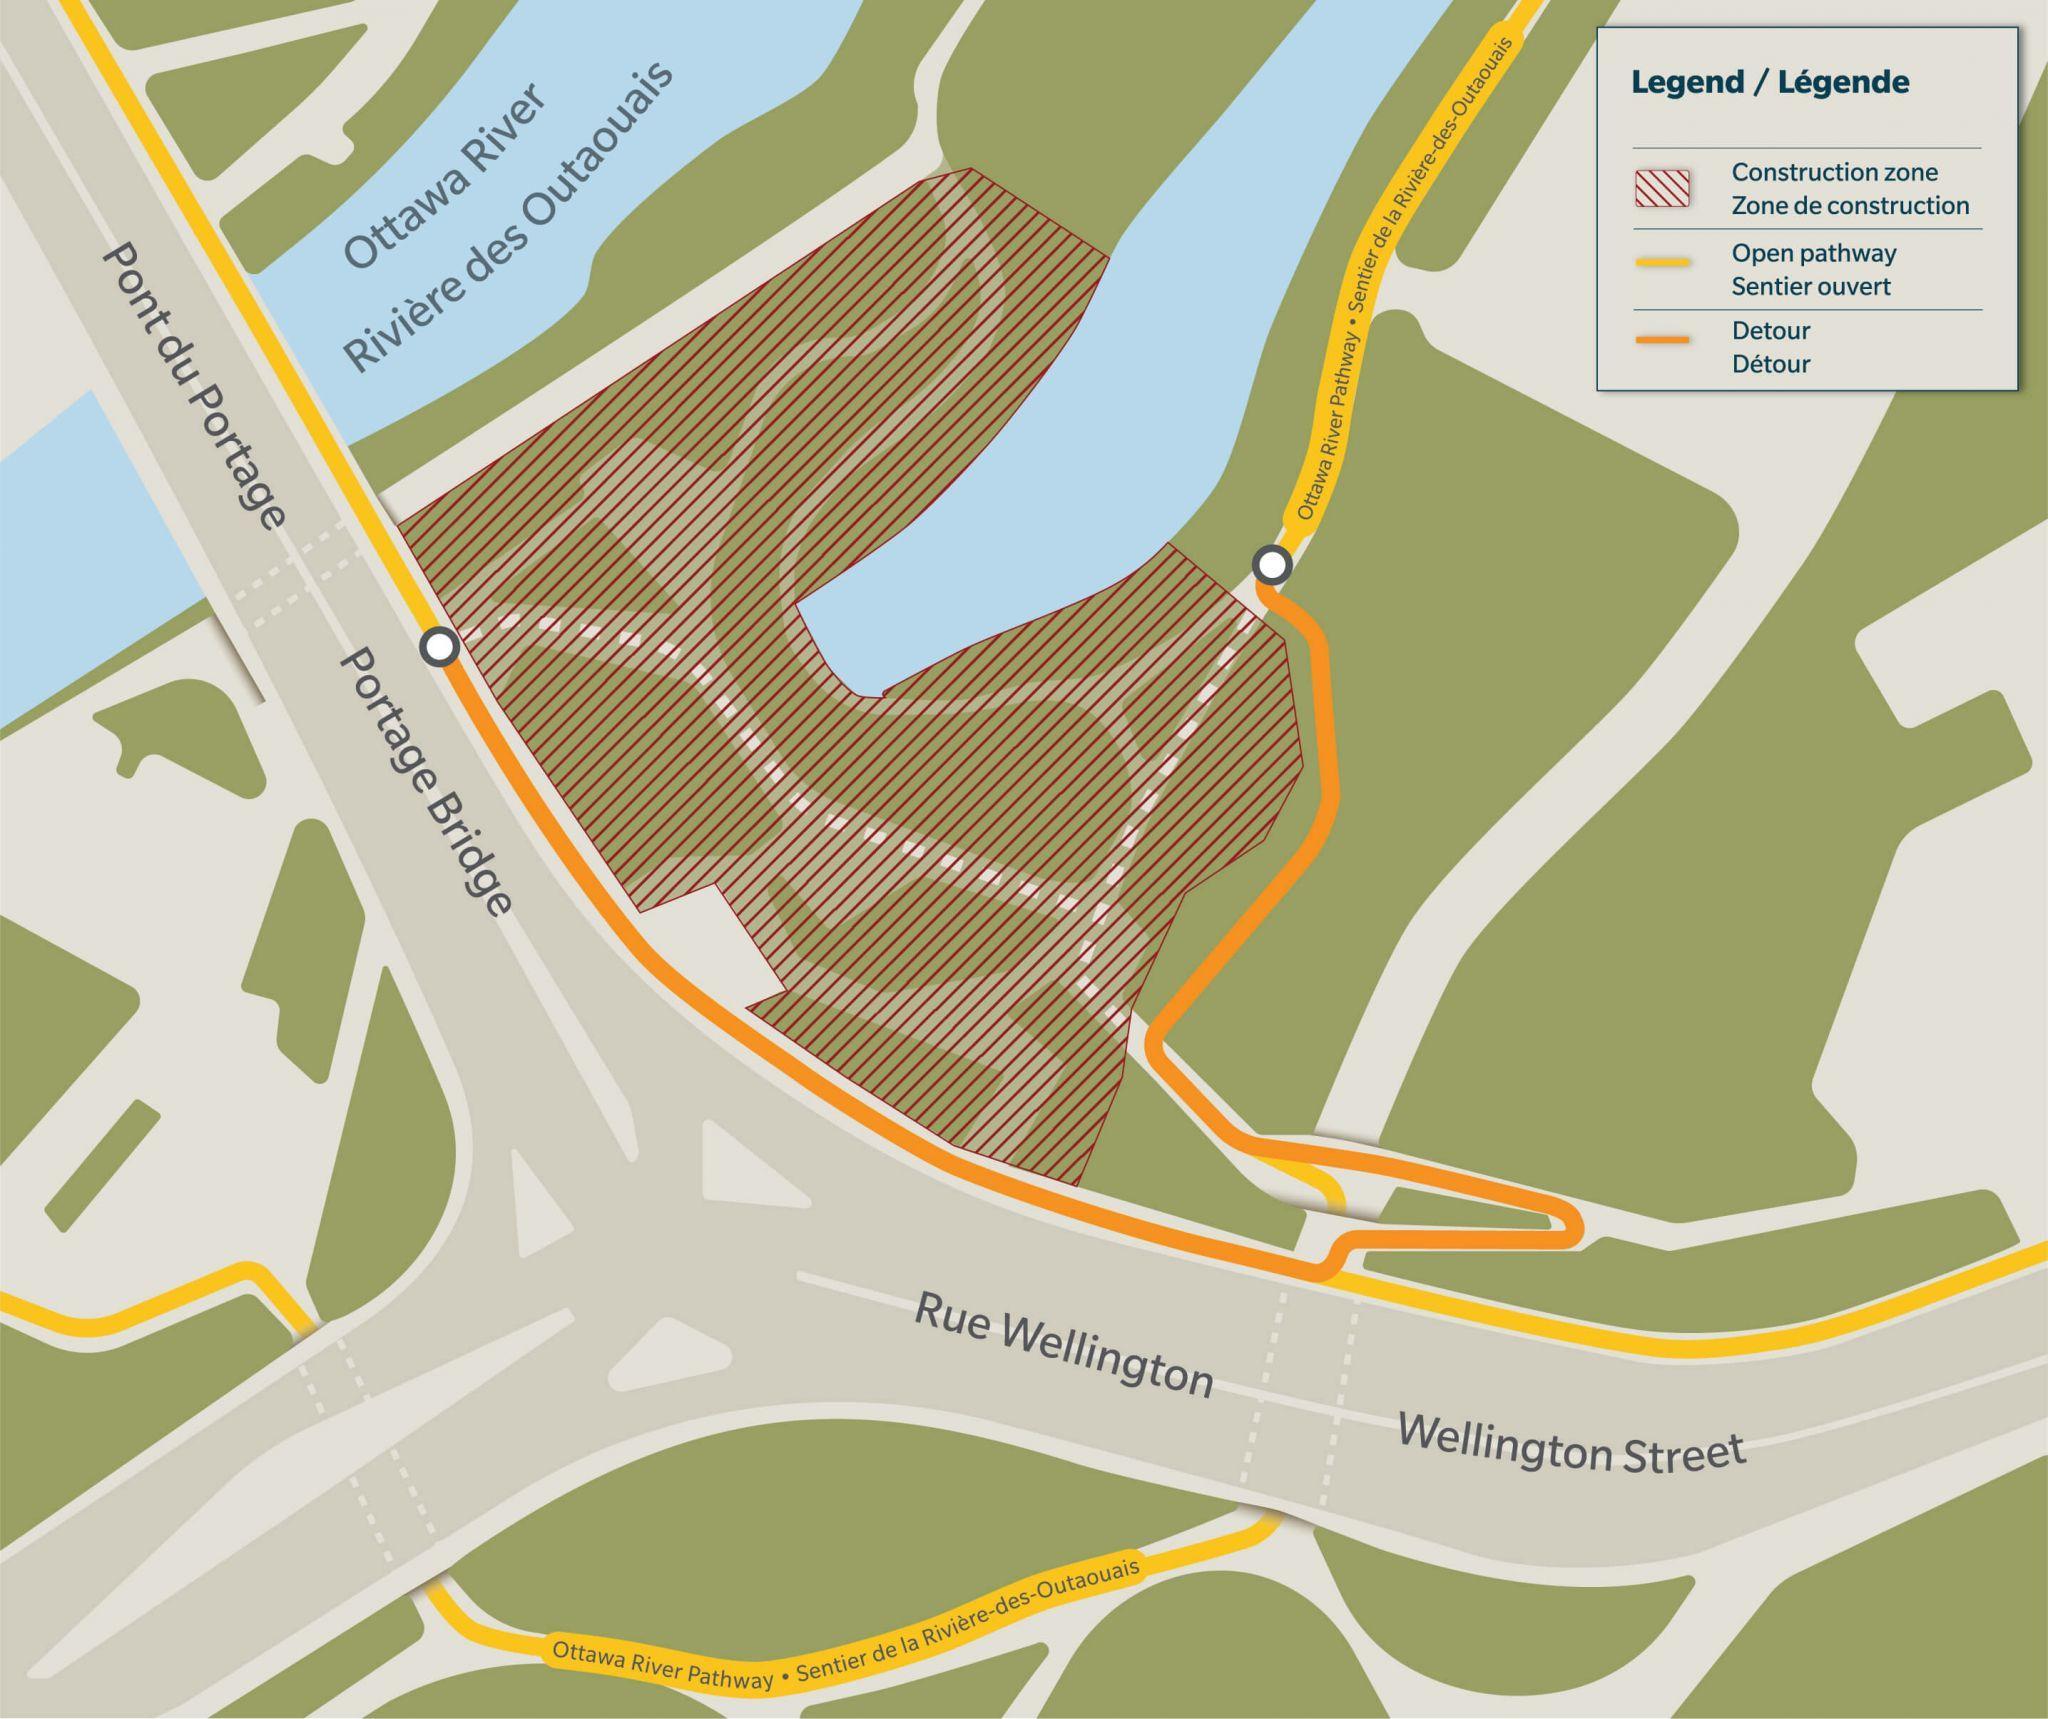 Carte du détour empruntant la rampe d'accès au-dessus du tunnel qui passe sous la rue Wellington.